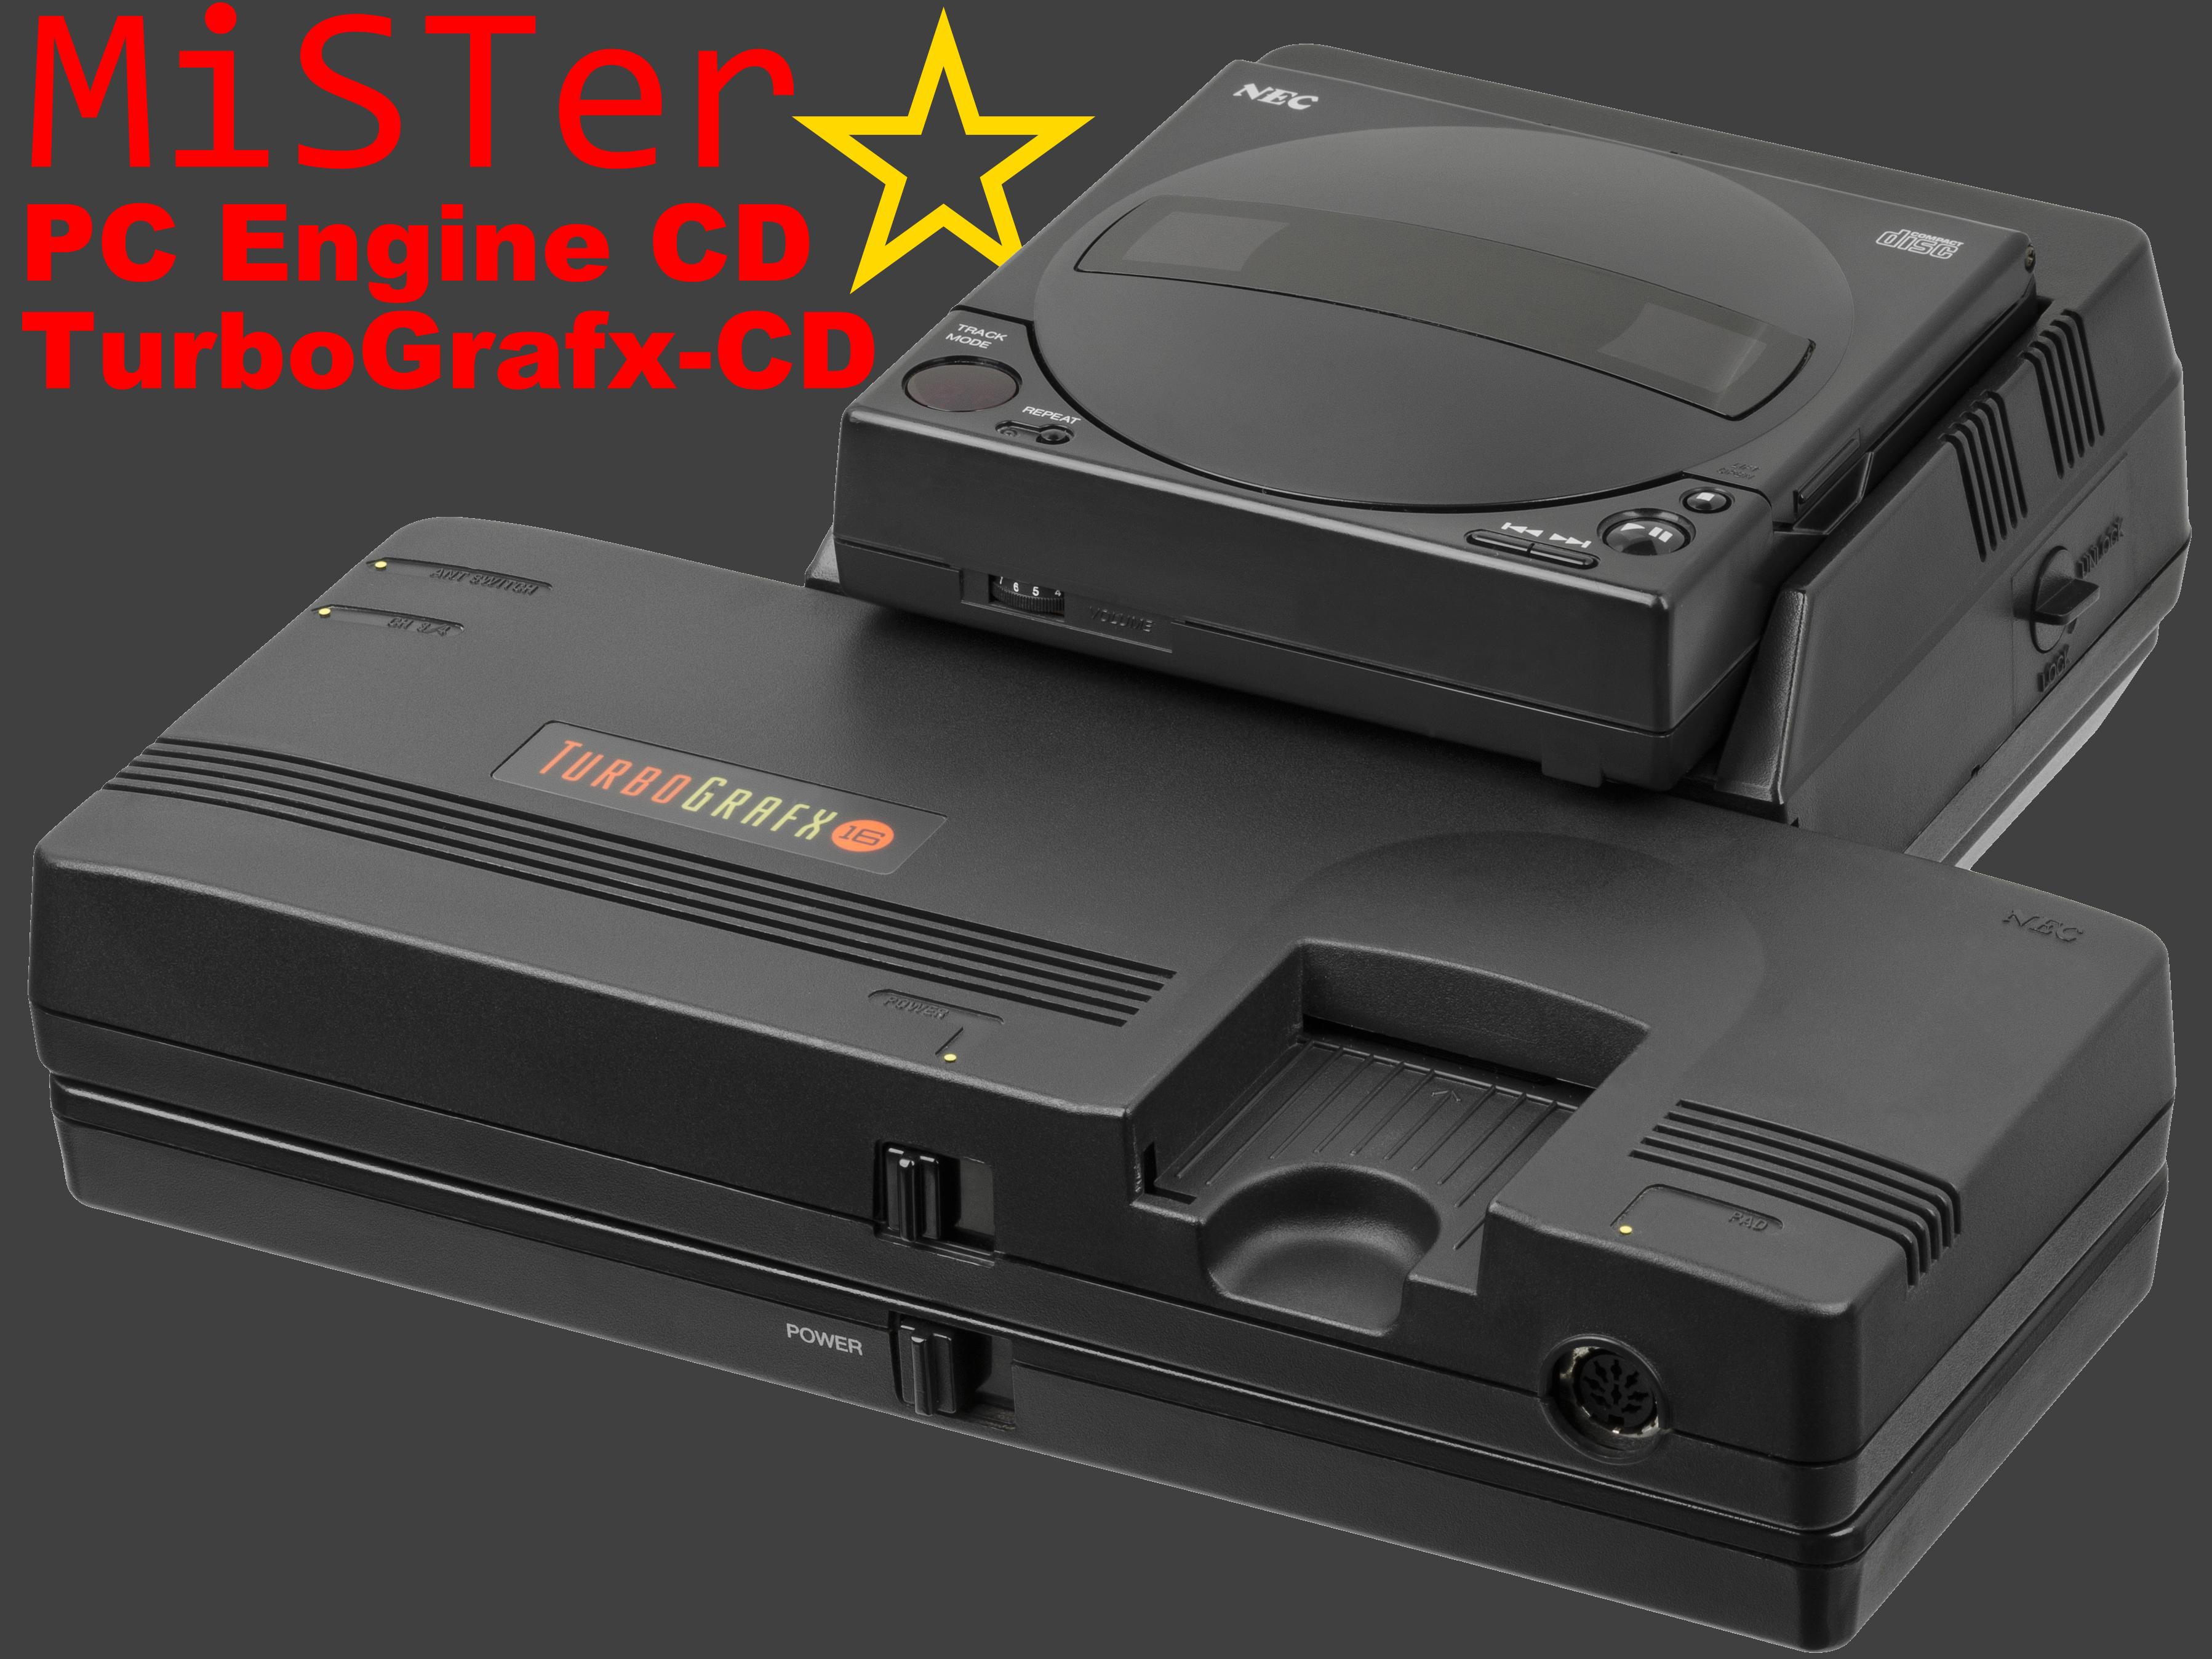 MiSTer PC Engine CD & TurboGrafx-CD Begins